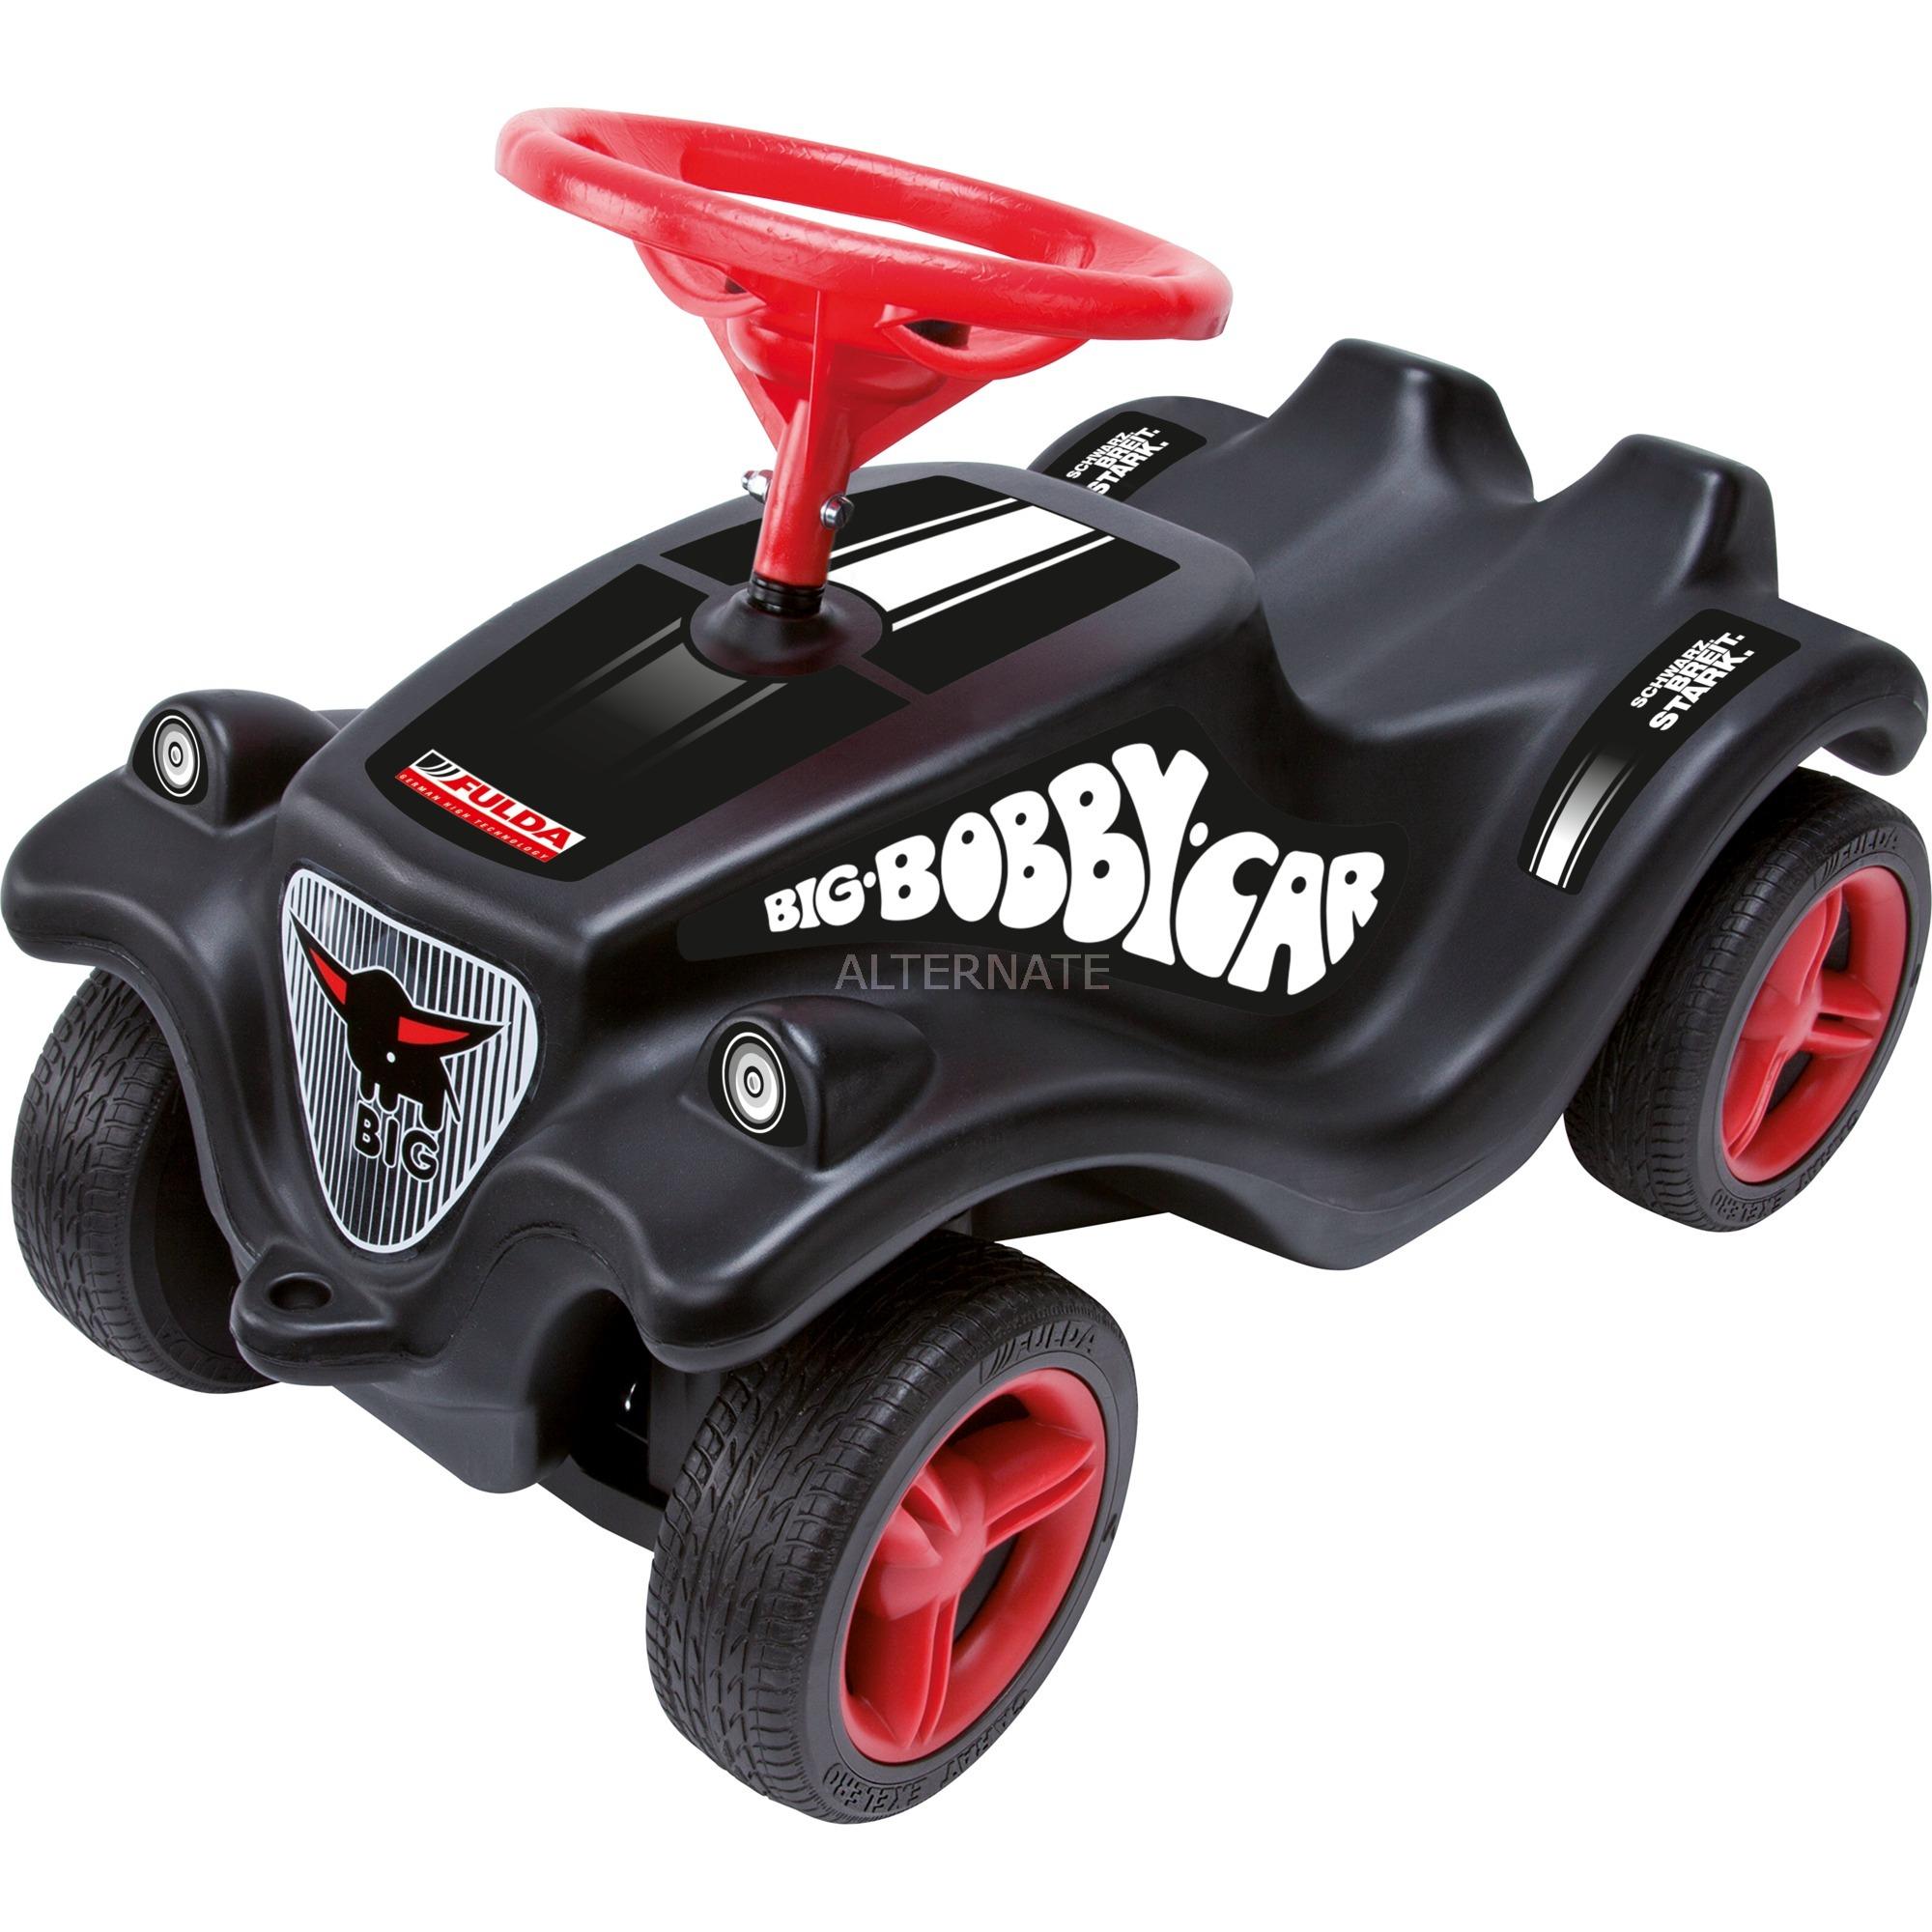 800056102, Automóvil de juguete